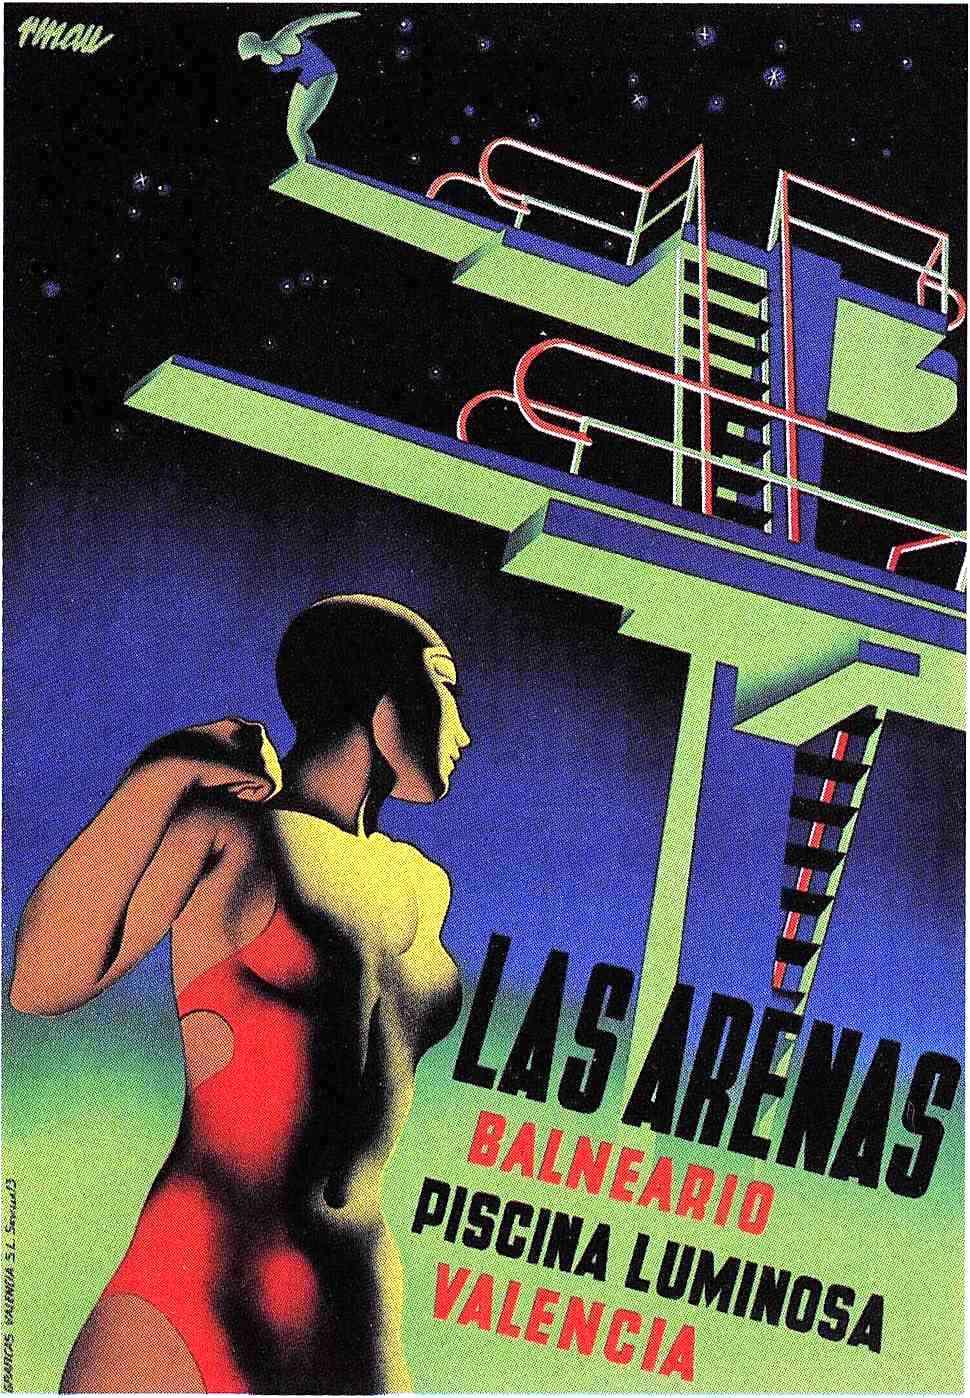 a 1930s poster for Las Arenas Balneario Piscina Luminosa Valencia, high diving